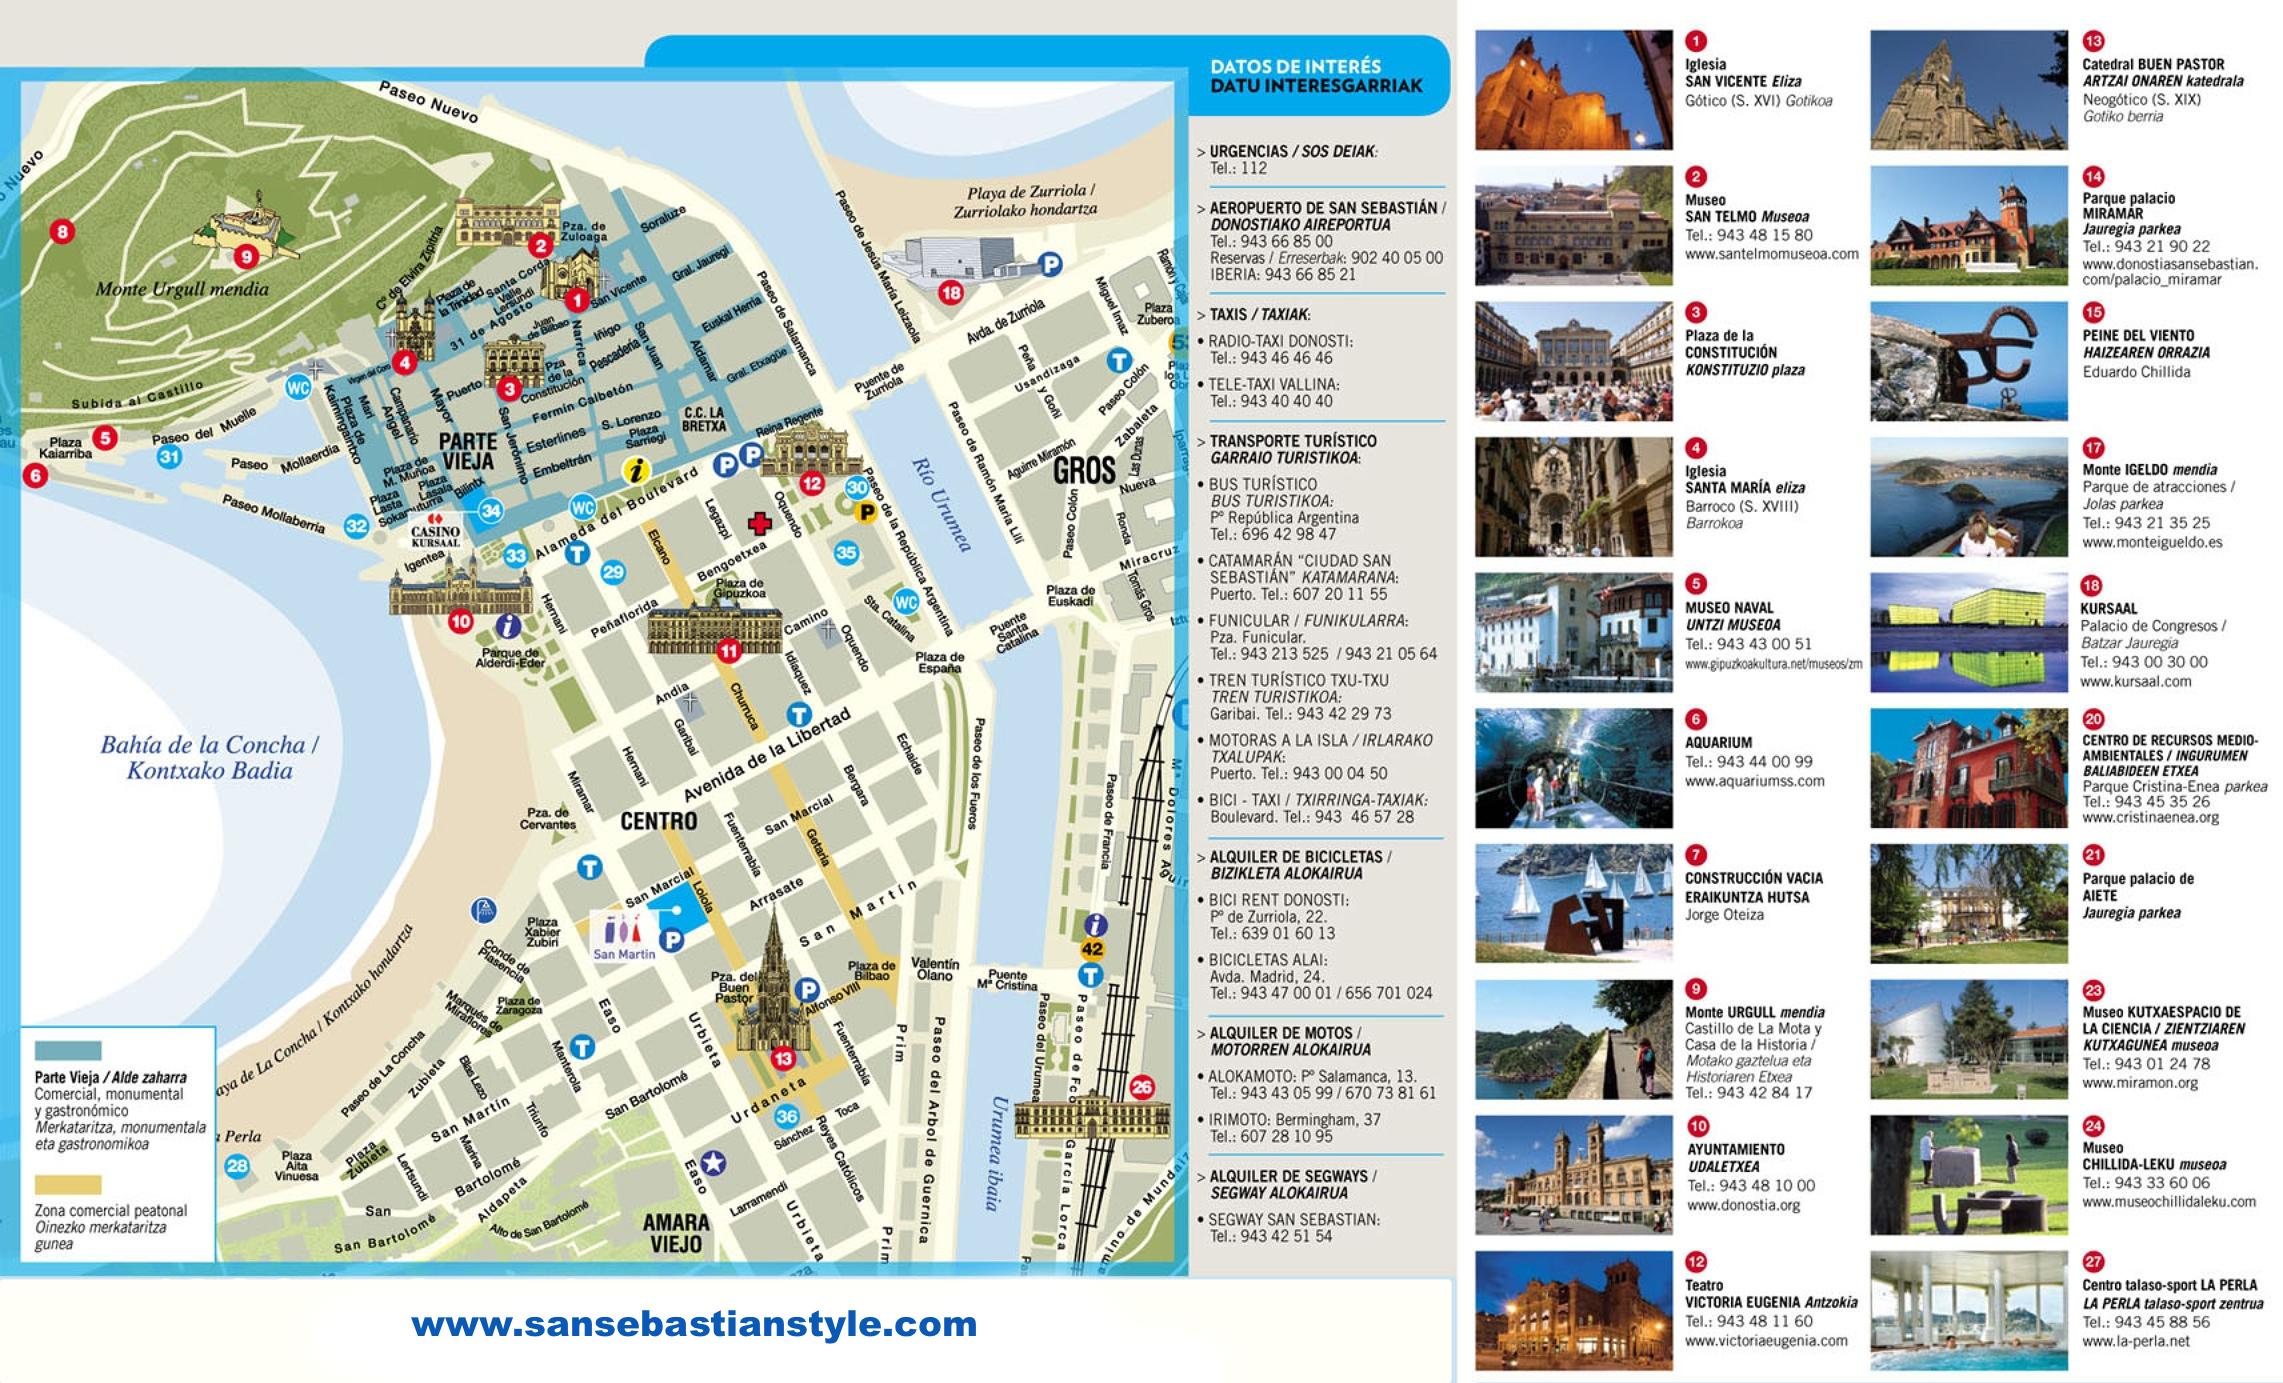 san sebastian mapa Mapa de San Sebastián   Plano turístico san sebastian mapa